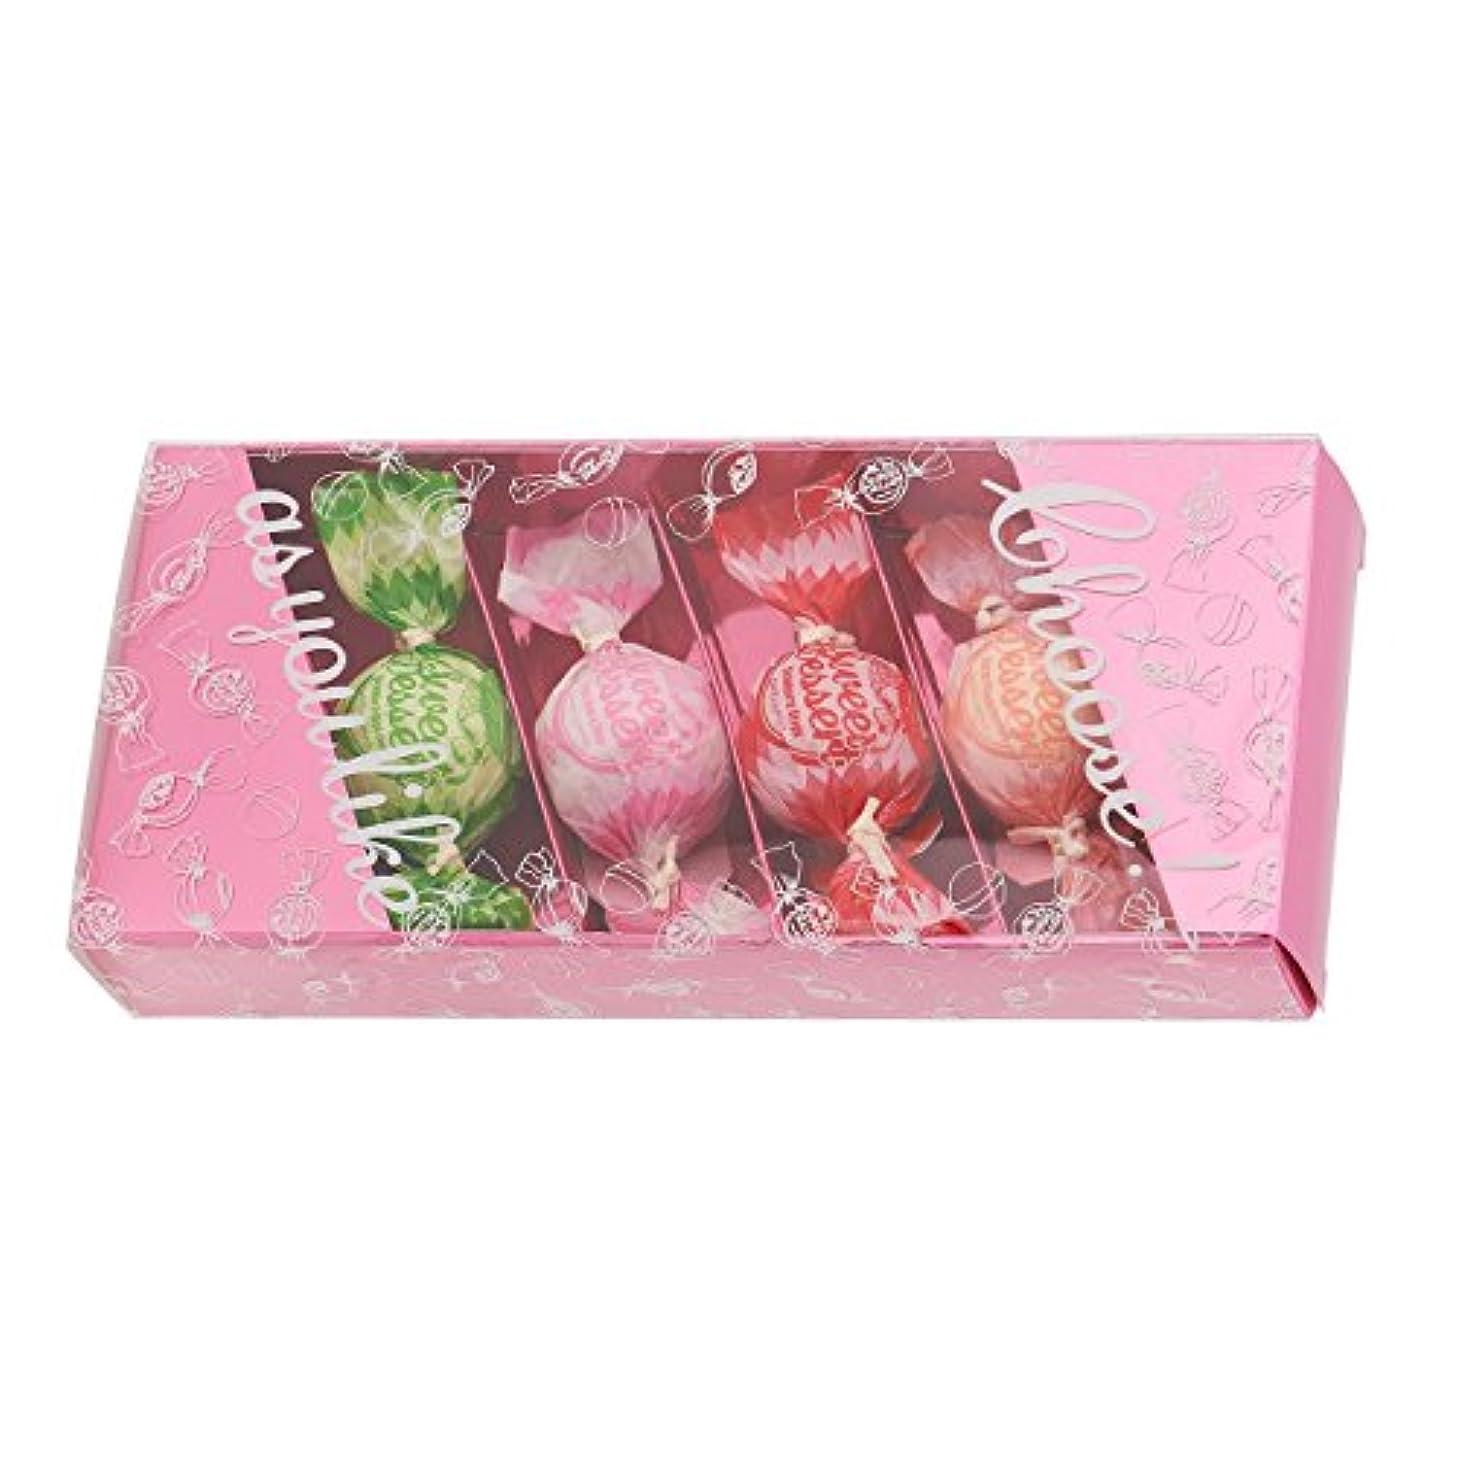 ベルベット欲望弁護アマイワナ バスキャンディー4粒ギフトセット(35g×4個) ピンク(発泡タイプ入浴料 バスギフト)